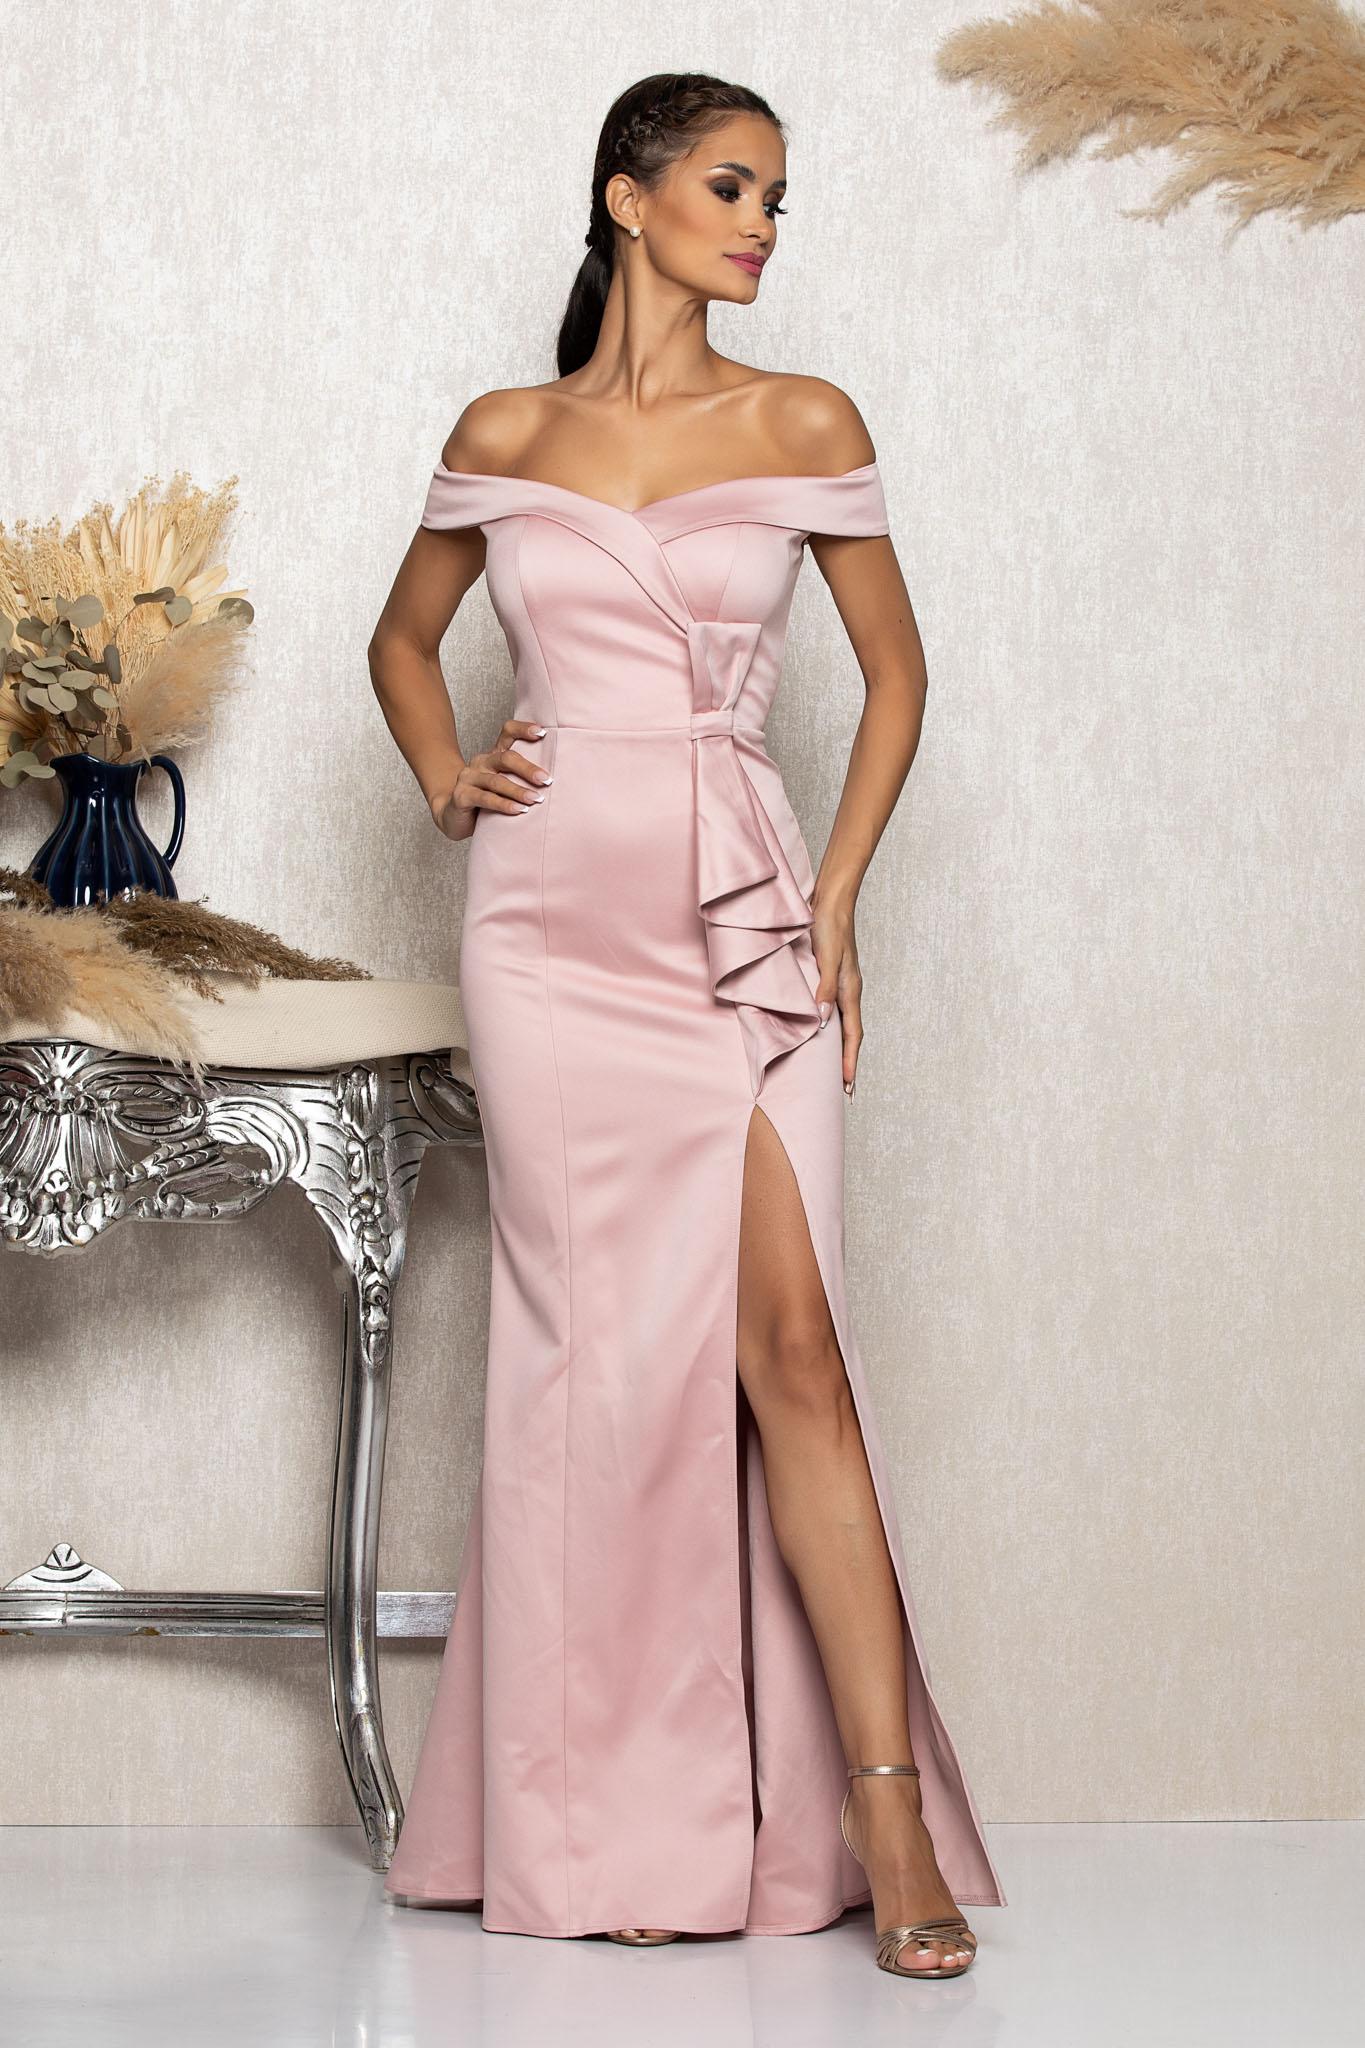 Rochie Irresistible Rose Marimi Mari XS (34)   S (36)   M (38)   L (40)   XL (42)   XXL (44)   3XL (46)